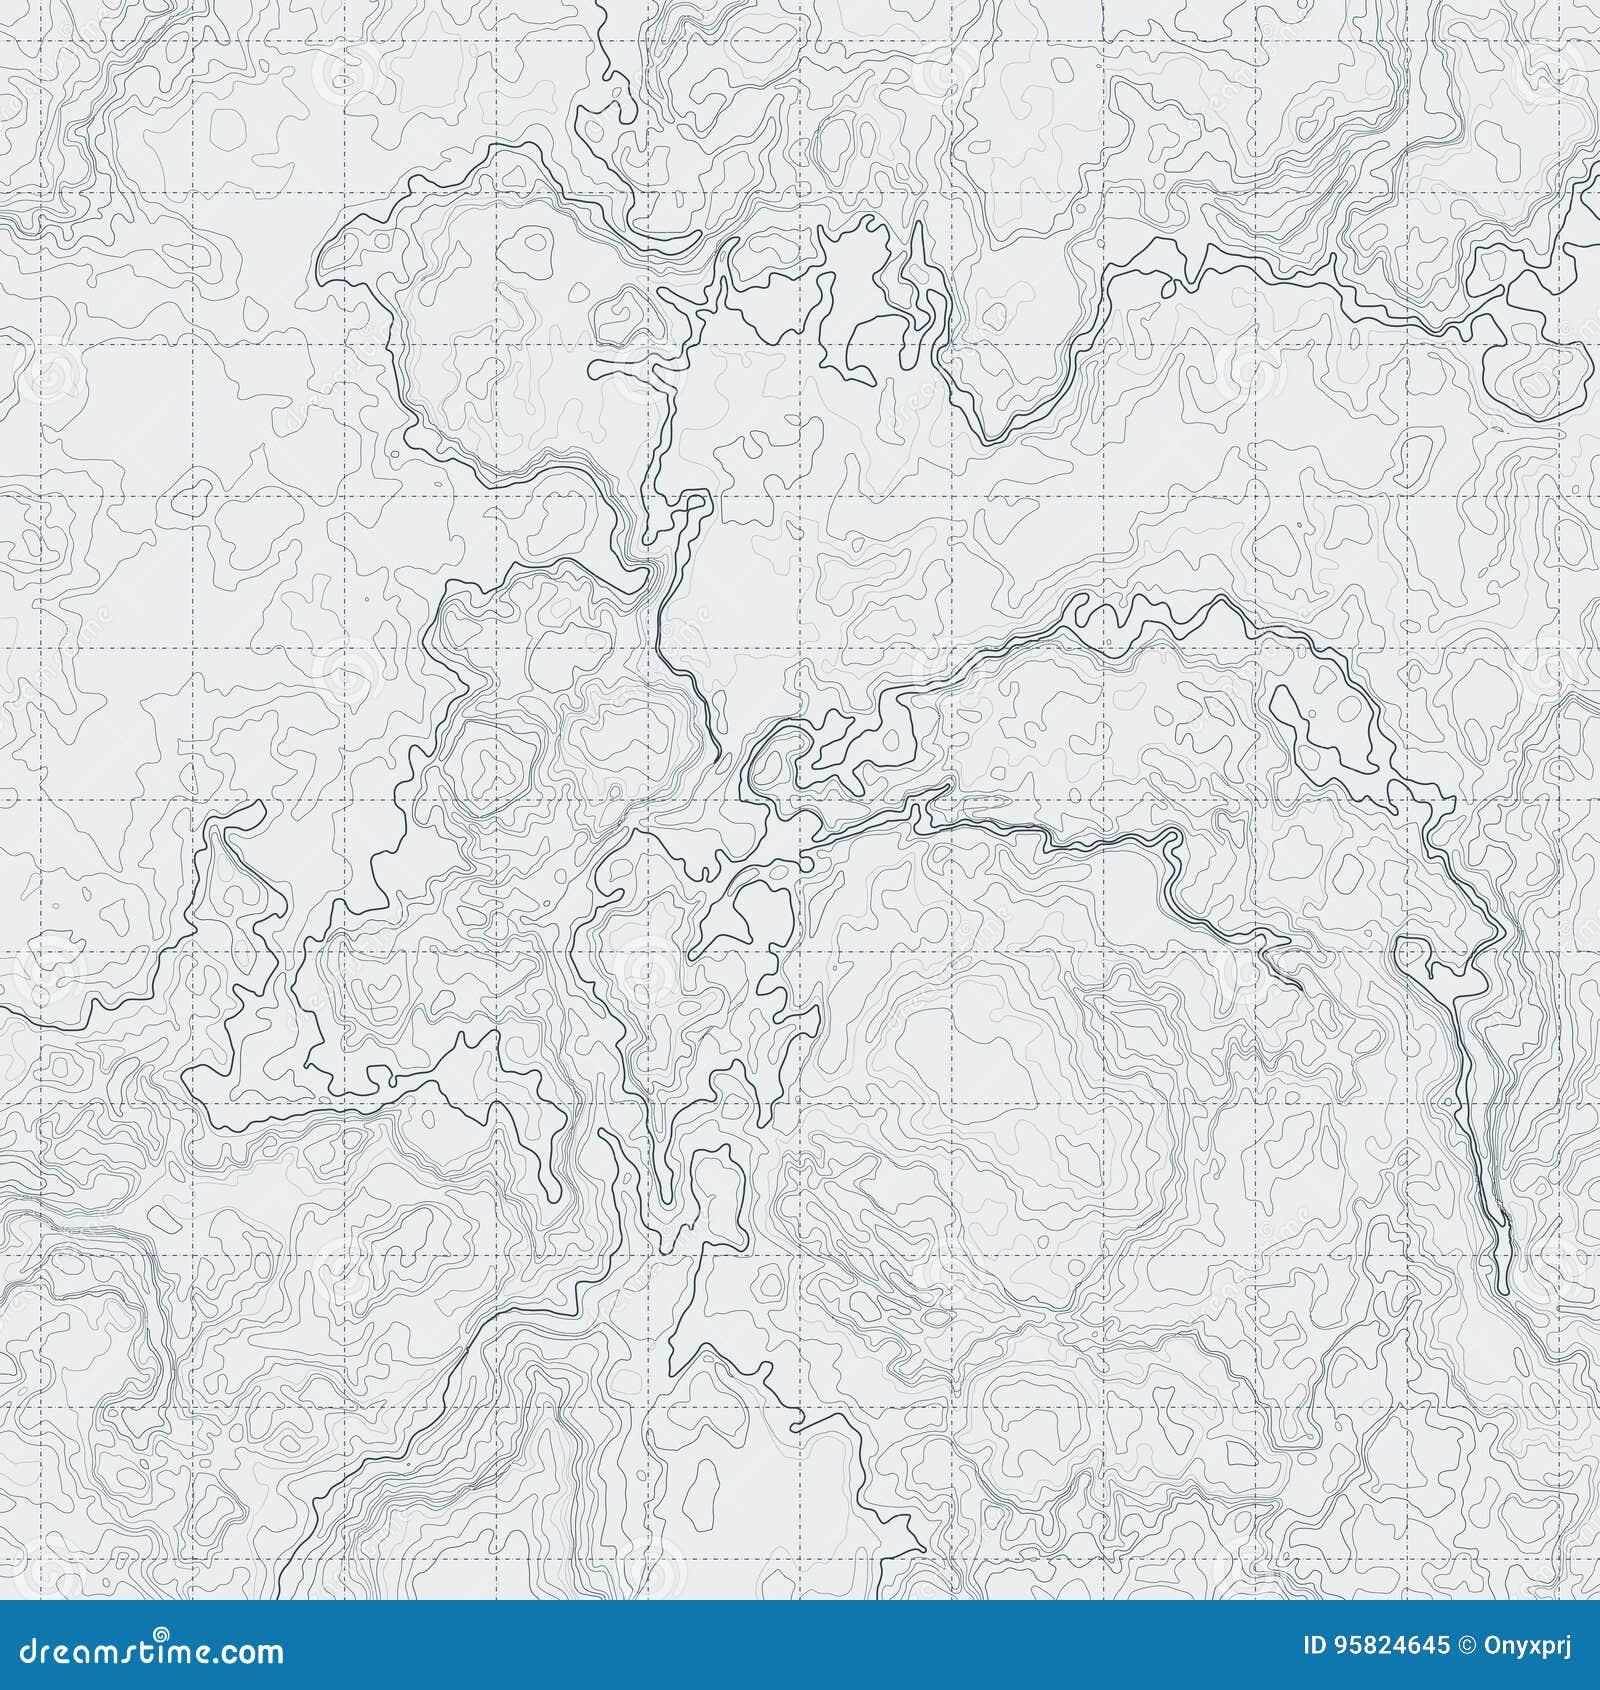 Αφηρημένος χάρτης περιγράμματος με τη διαφορετική ανακούφιση Τοπογραφική διανυσματική απεικόνιση για τη ναυσιπλοΐα